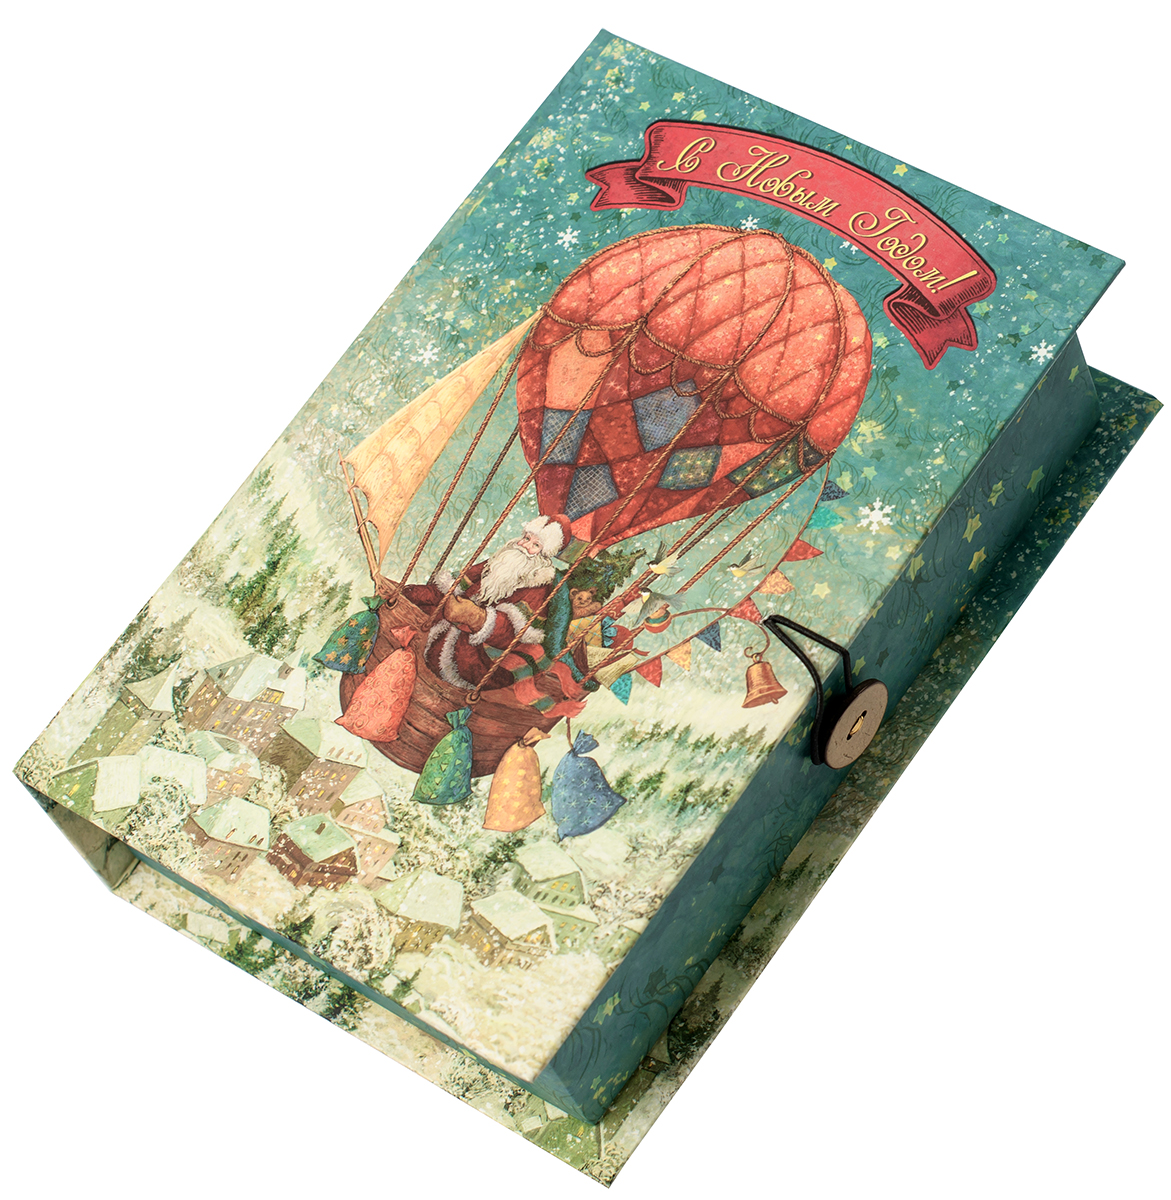 Коробка подарочная Magic Time Доставка подарков, размер S. 7503875038Подарочная коробка Magic Time, выполненная из мелованного, ламинированного картона, закрывается на пуговицу. Крышка оформлена декоративным рисунком.Подарочная коробка - это наилучшее решение, если вы хотите порадовать ваших близких и создать праздничное настроение, ведь подарок, преподнесенный в оригинальной упаковке, всегда будет самым эффектным и запоминающимся. Окружите близких людей вниманием и заботой, вручив презент в нарядном, праздничном оформлении.Плотность картона: 1100 г/м2.